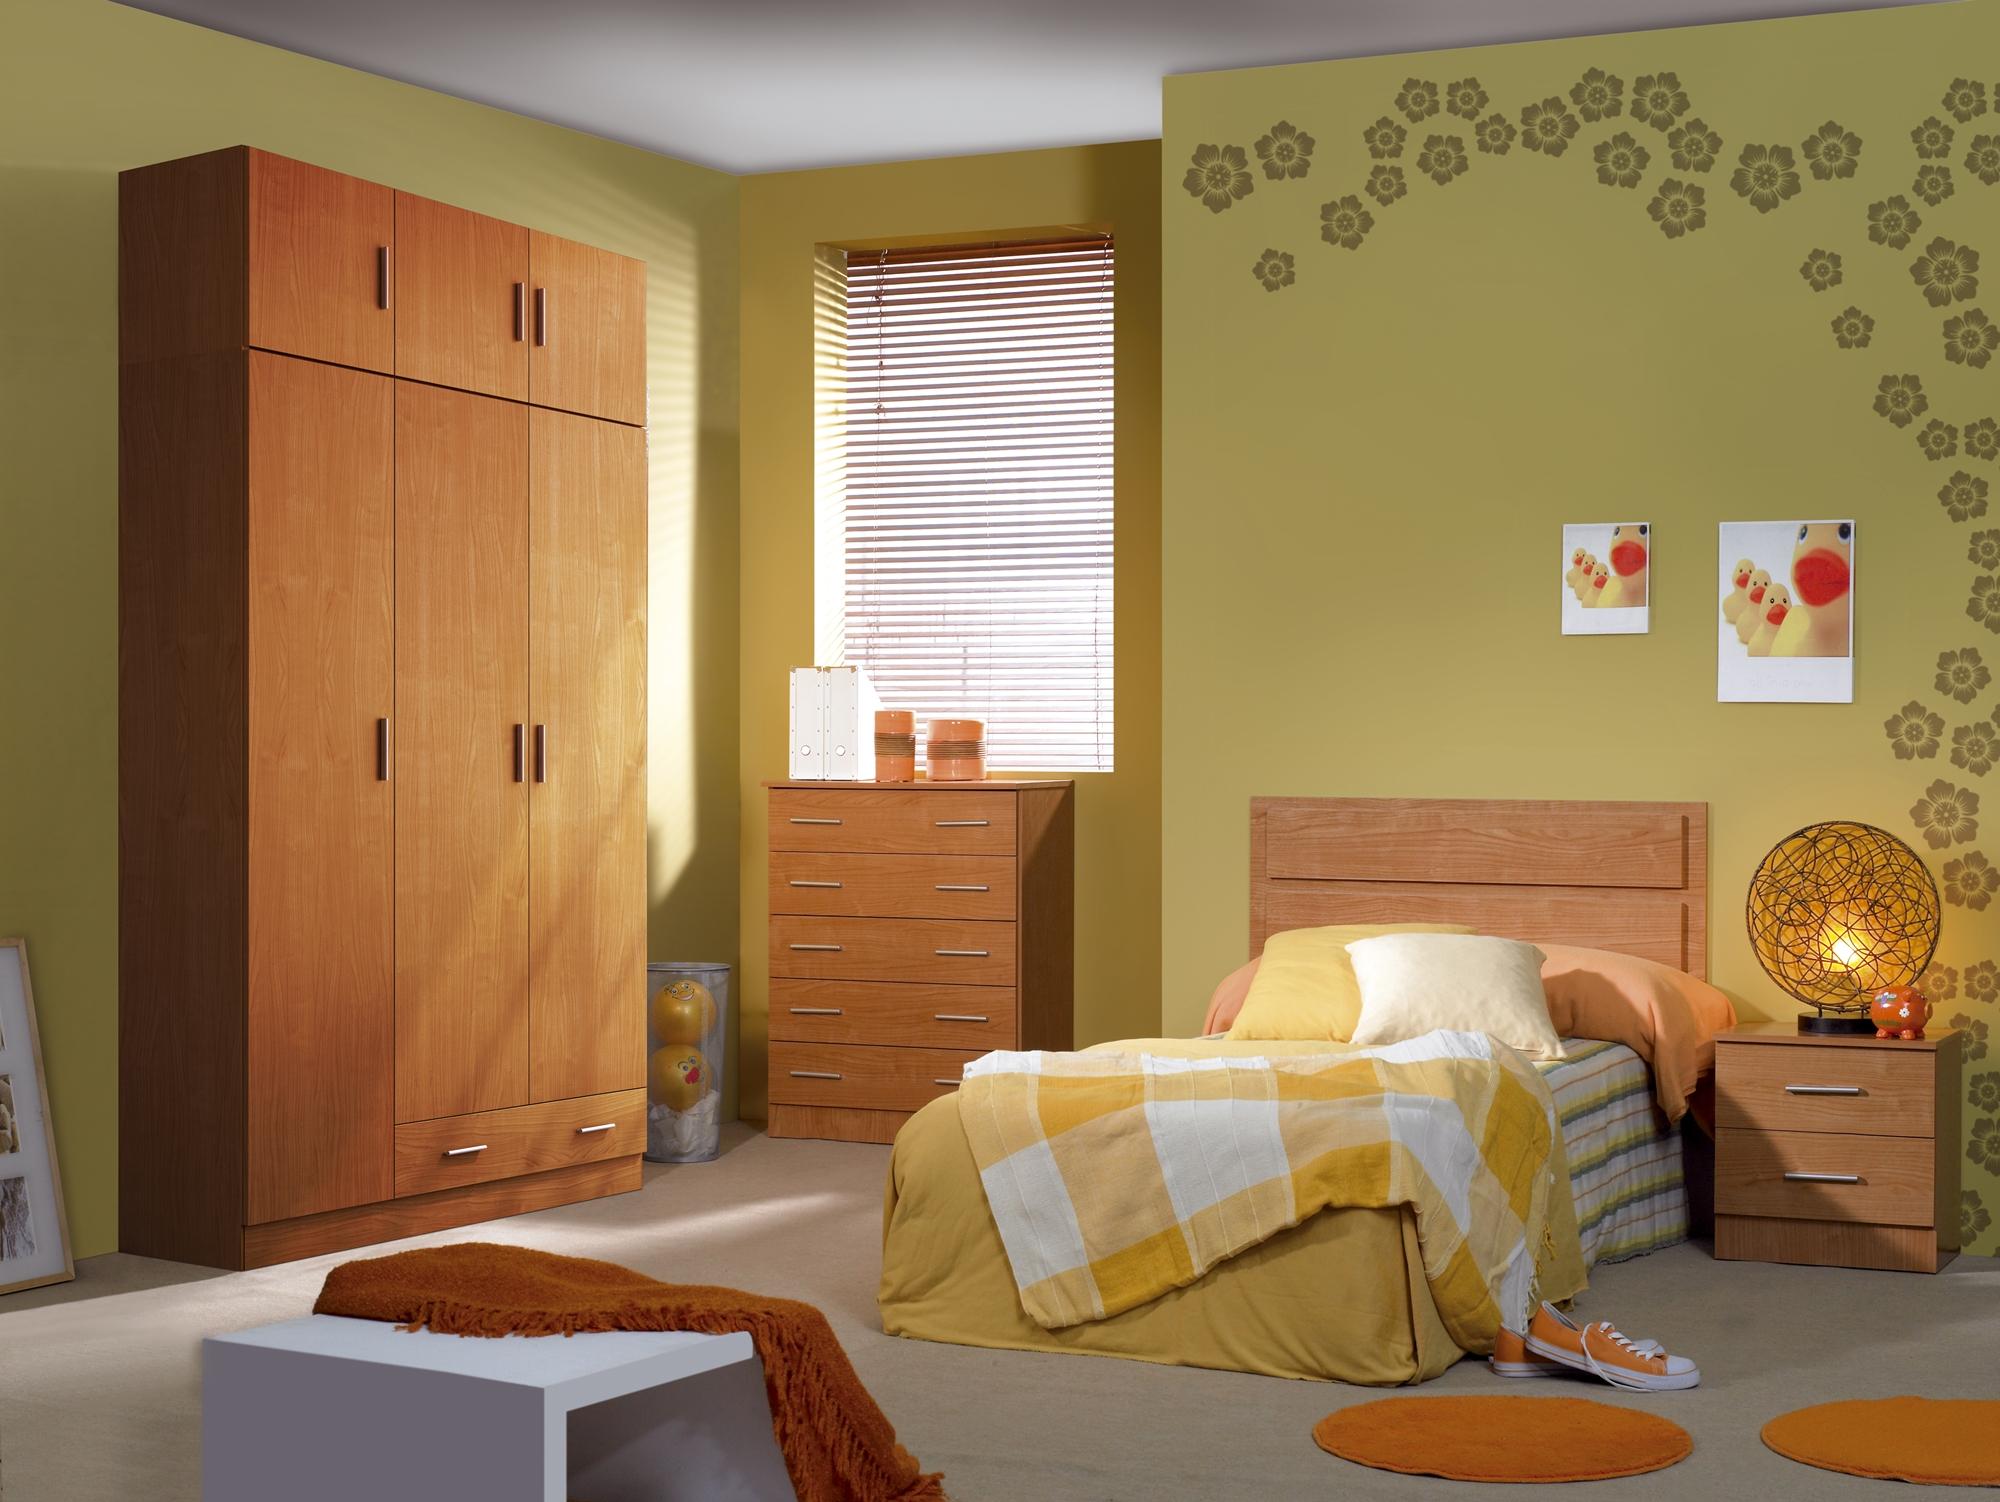 Dormitorios para adultos baratos en villalba elefanteblanco - Dormitorios adultos ...